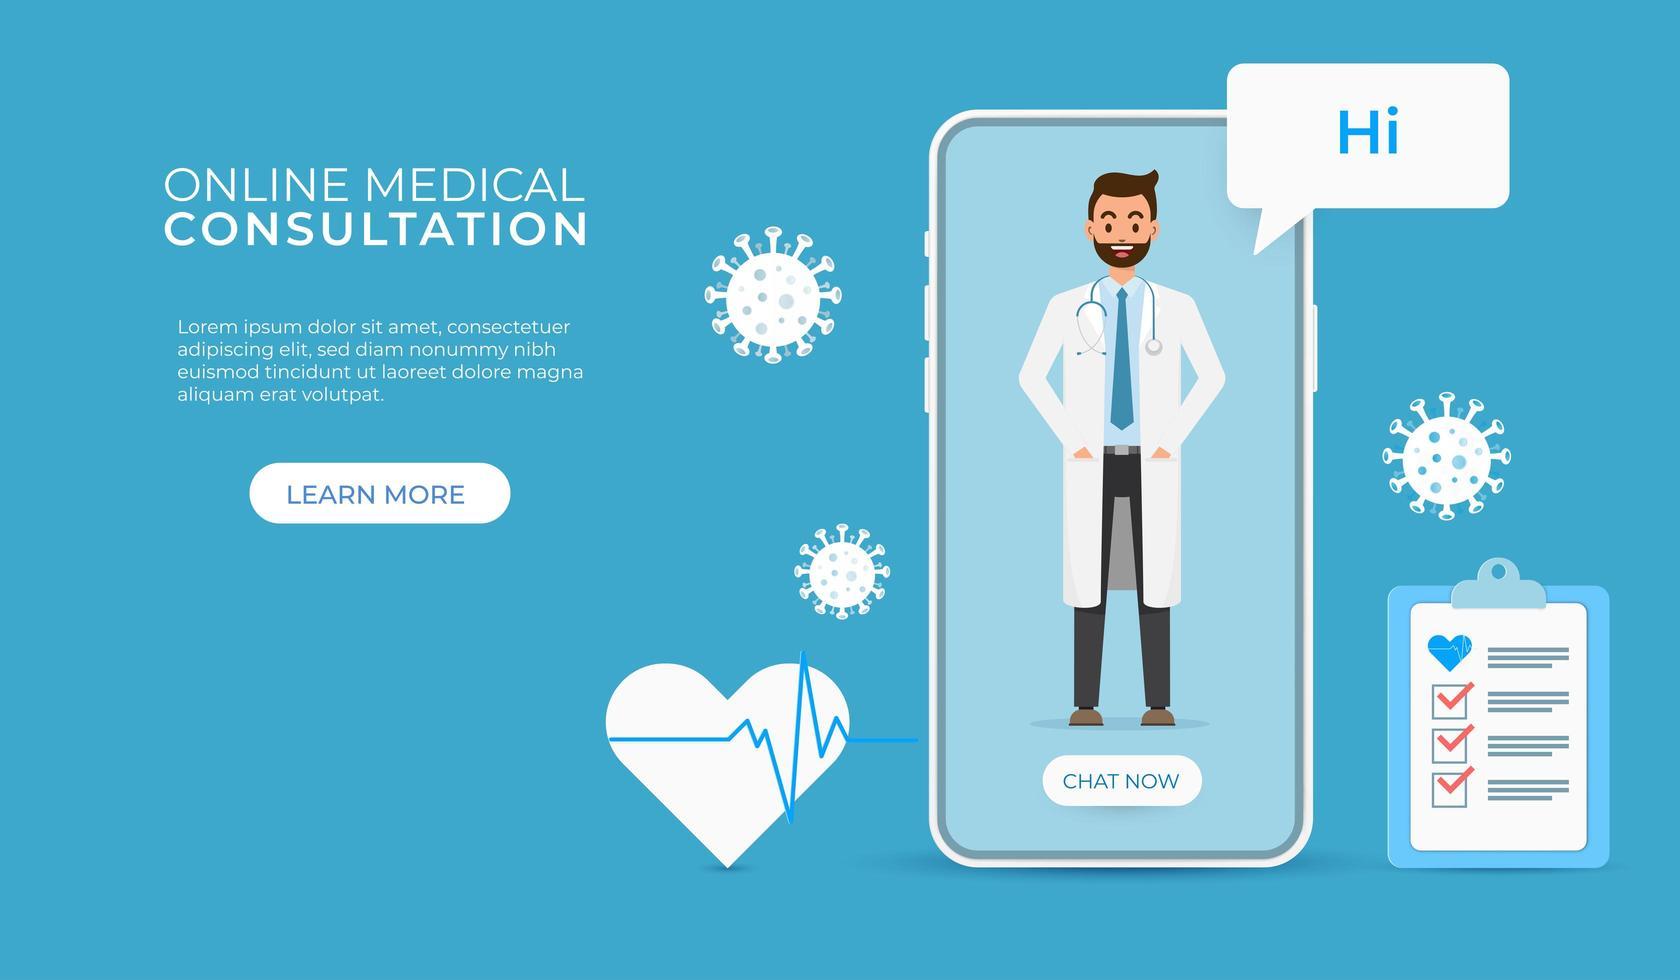 online overleg met arts mobiele applicatie technologie concept vector